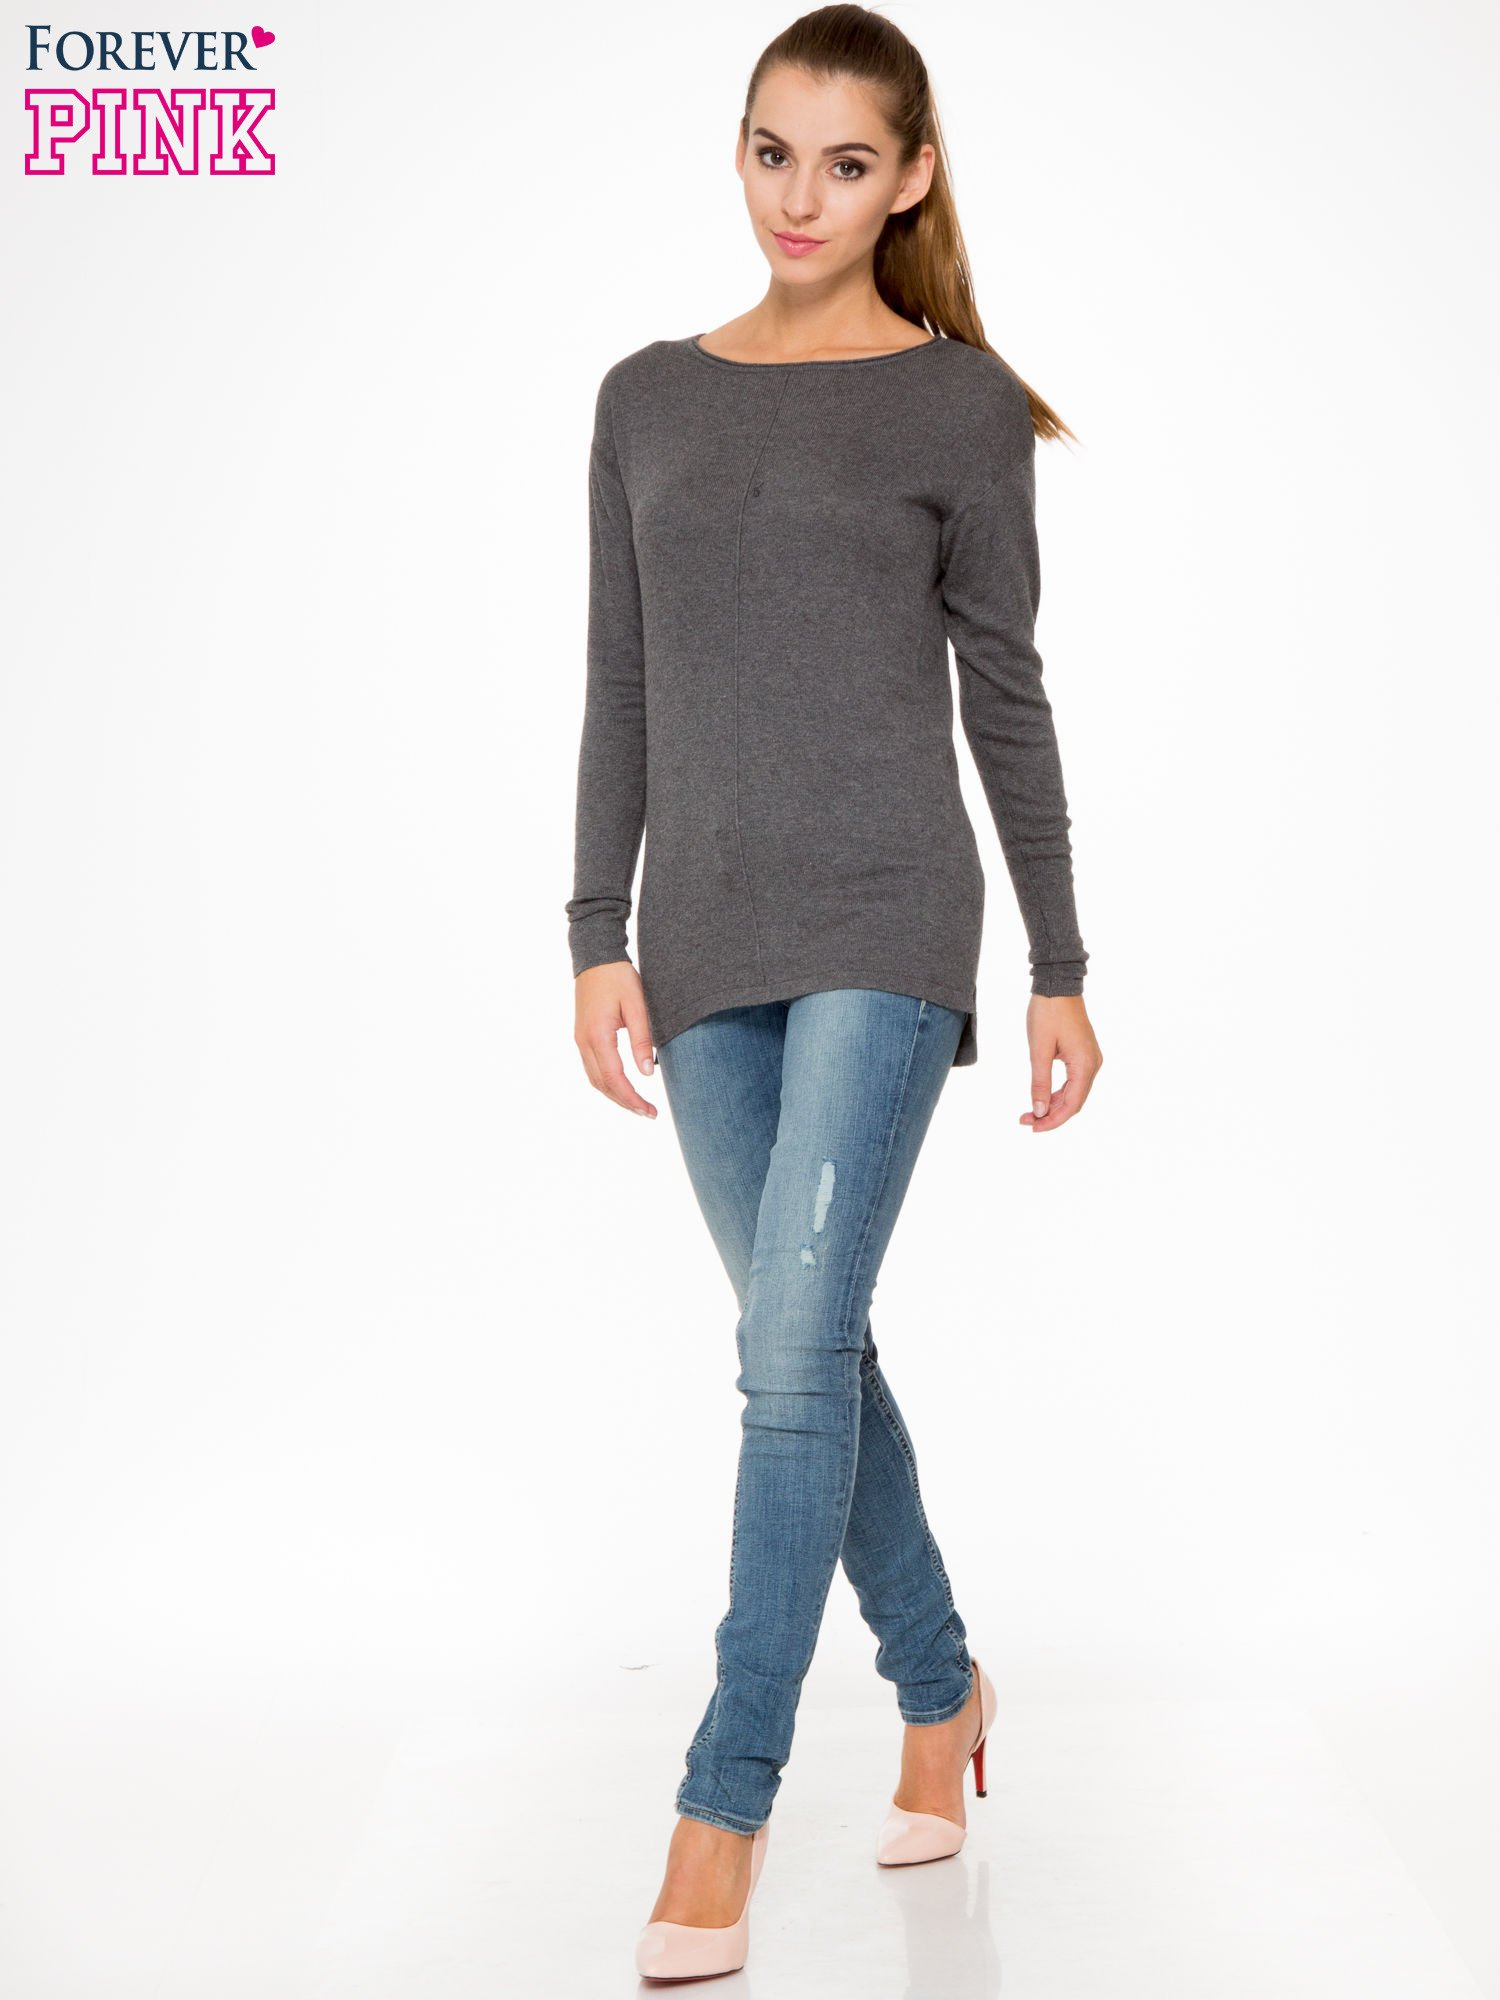 Ciemnoszary sweter z dłuższym tyłem i rozporkami po bokach                                  zdj.                                  2